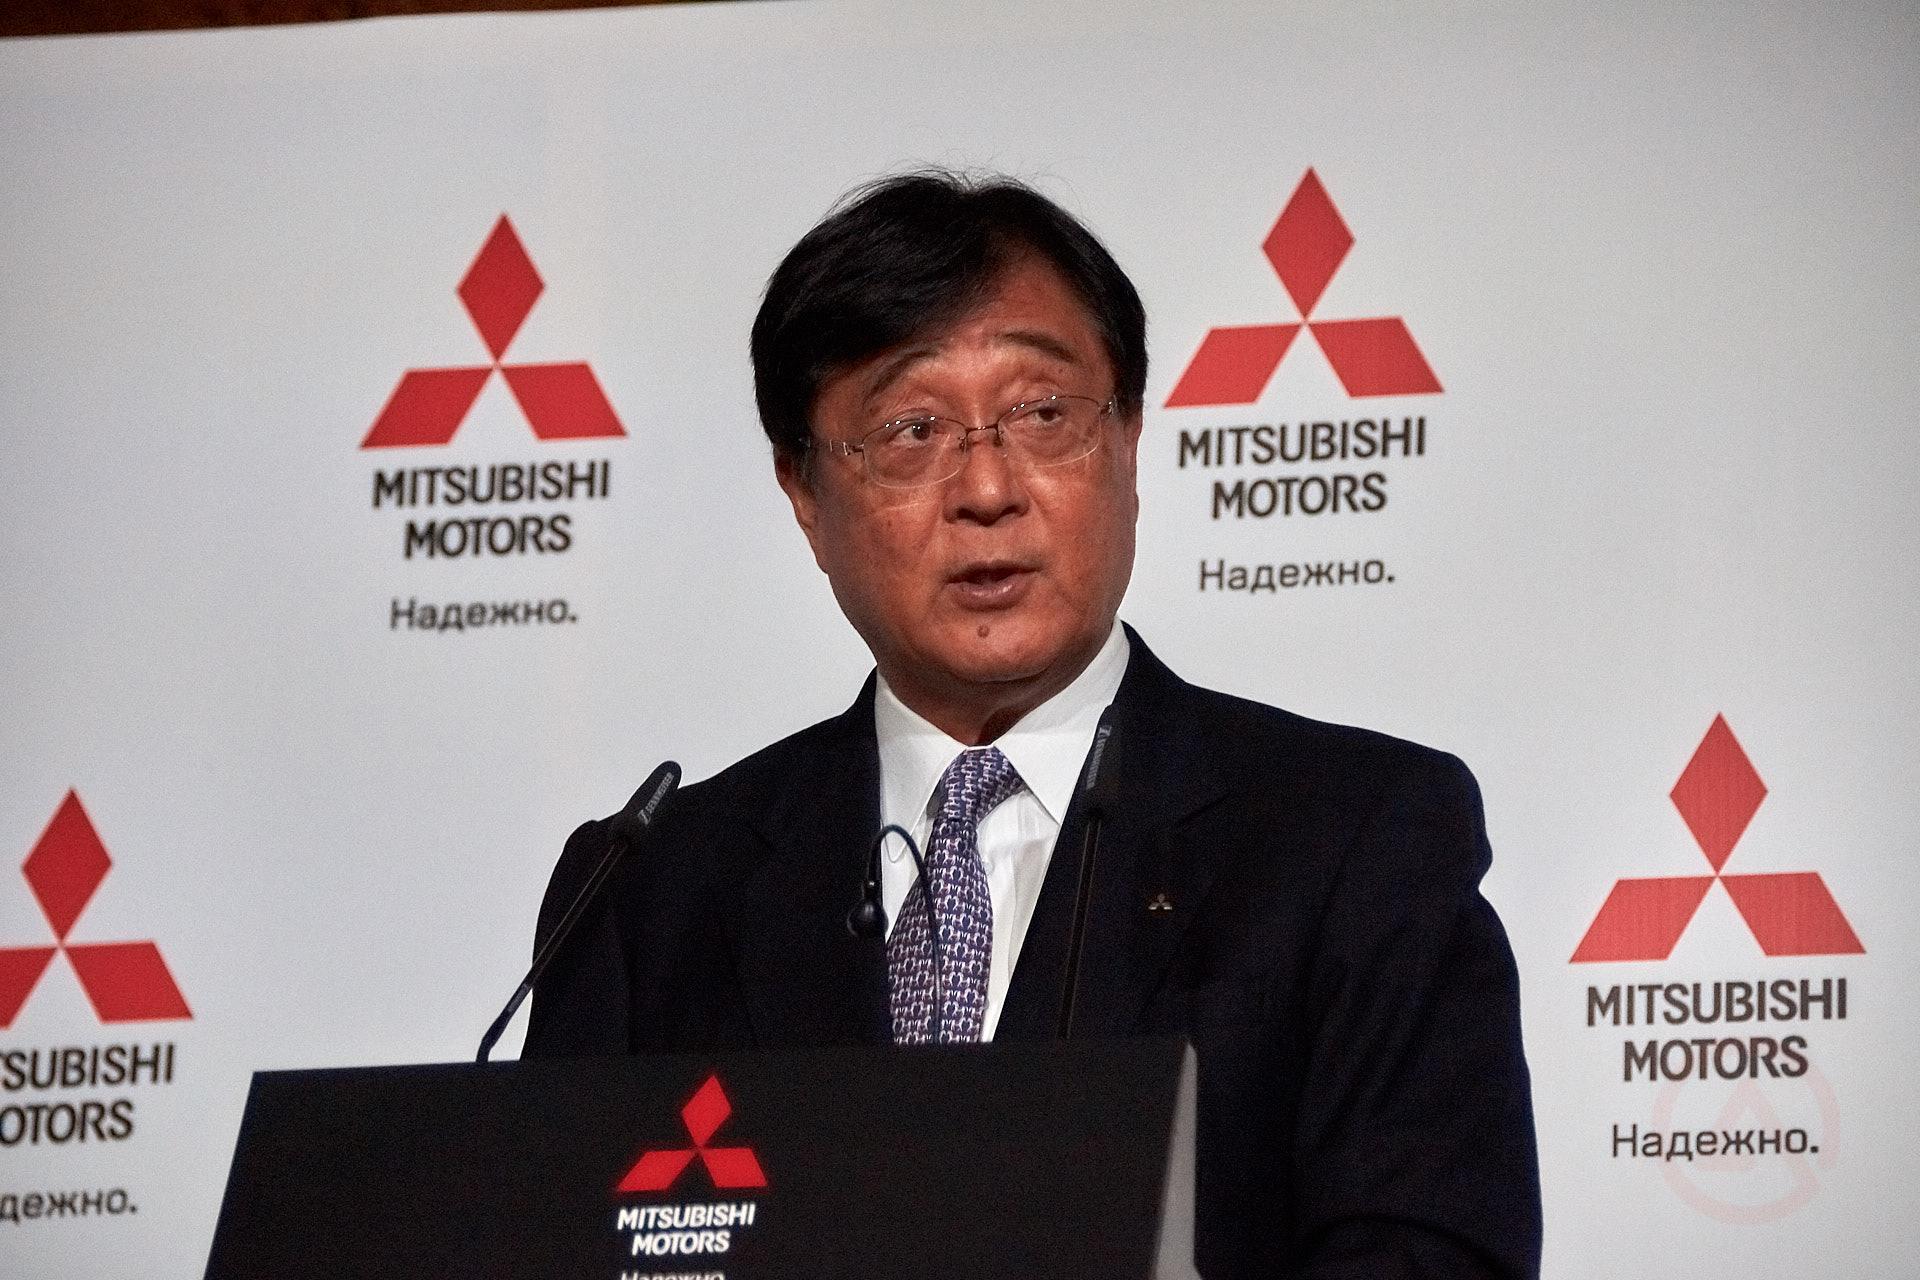 Осаму Масуко (Osamu Masuko), Председатель Совета директоров и Исполнительный директор MMC